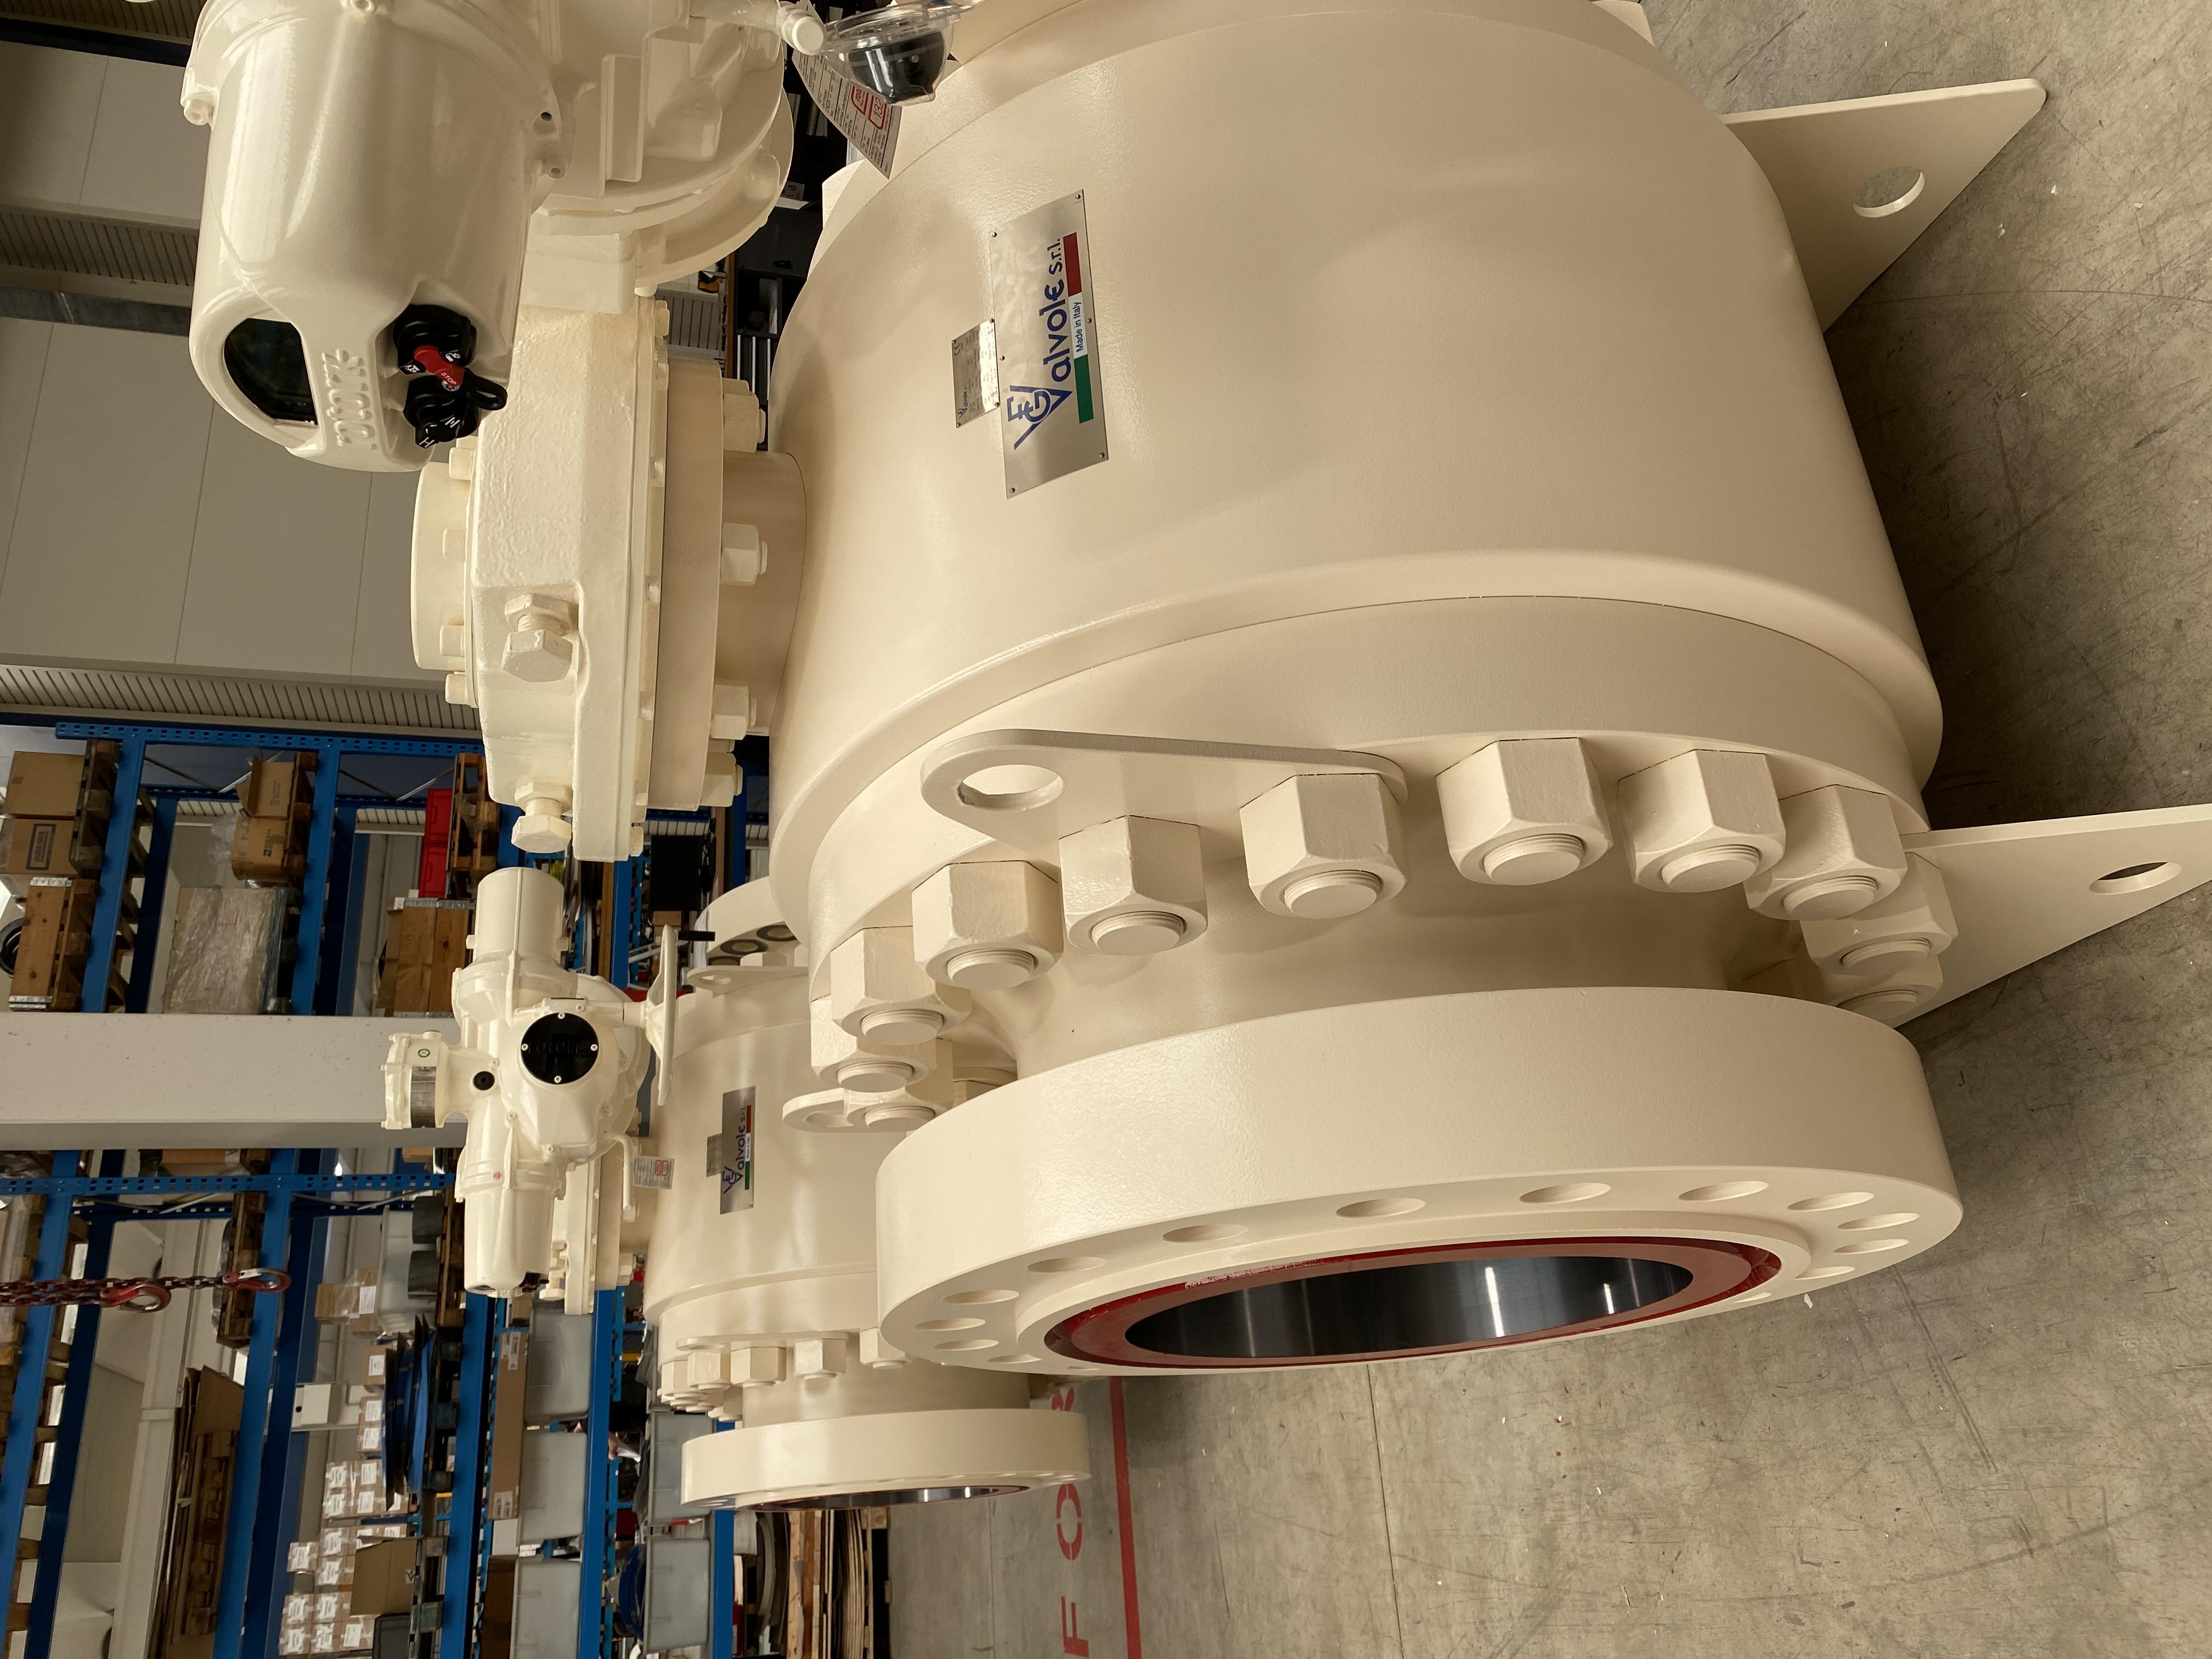 200202 - VALVENCO - Ball 24 inch 900 Electric Actuator (5)